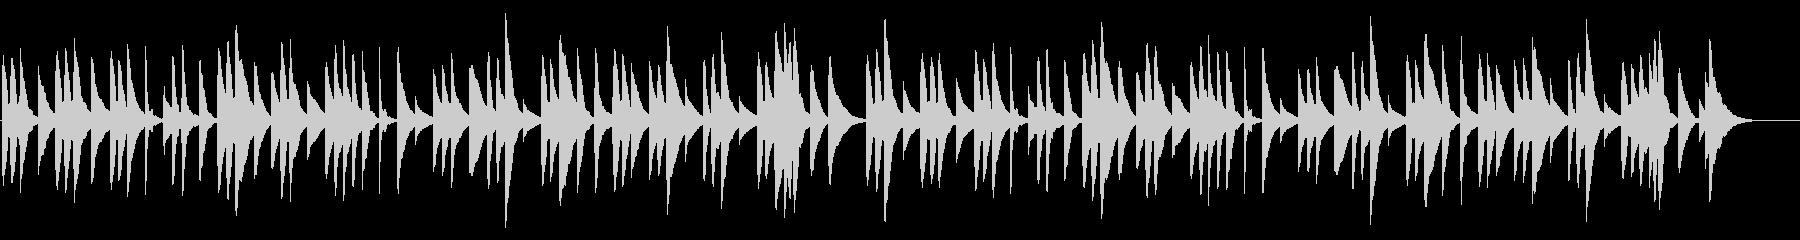 ブラームスの子守唄 18弁オルゴールの未再生の波形